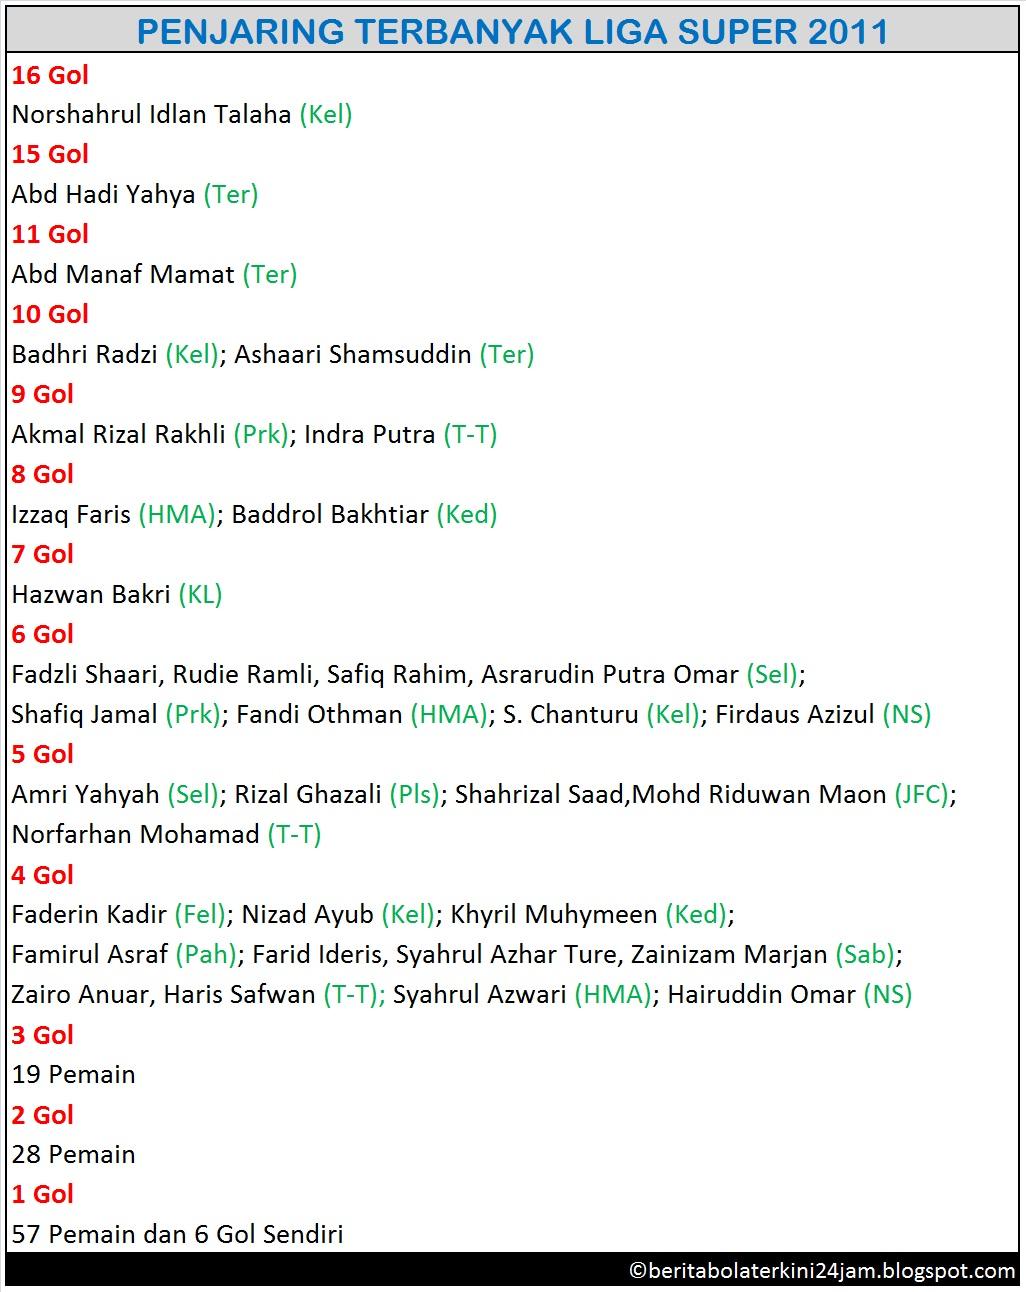 Senarai Terkini Penjaring Terbanyak Liga Super 7/6/2011